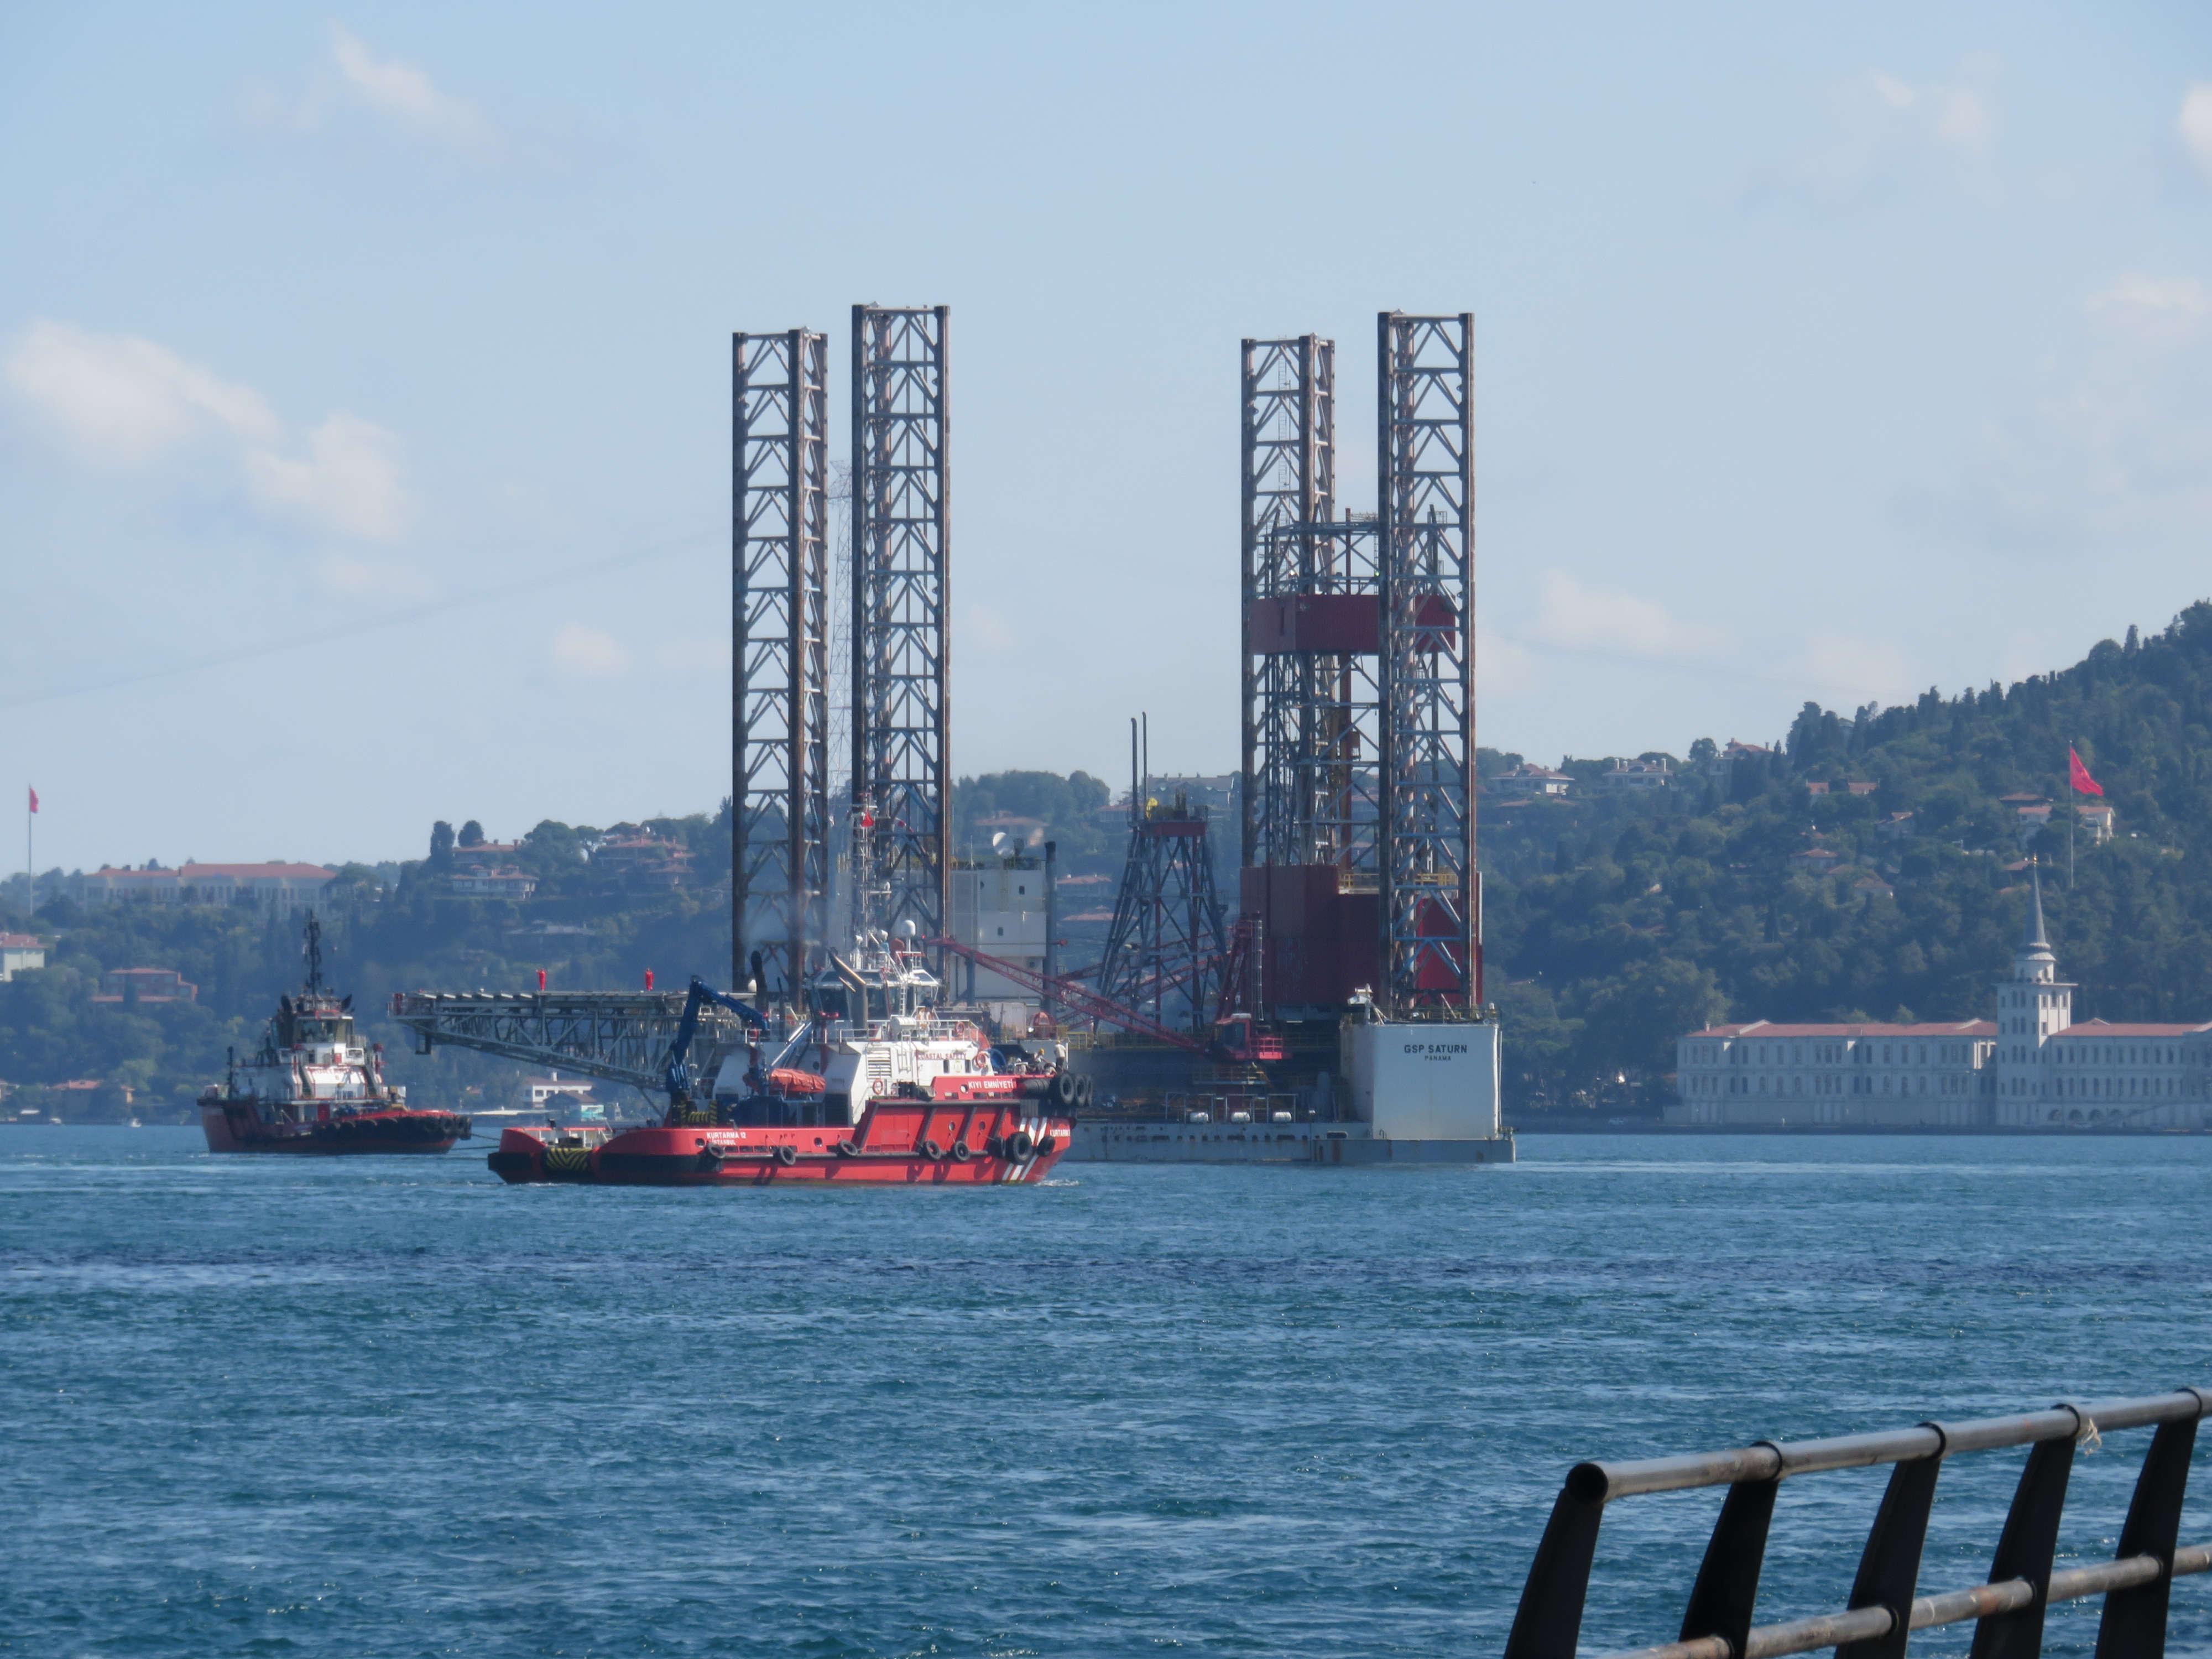 dev-petrol-platformu-istanbul-bogazindan-geciyor-1-8647-dhaphoto2.jpg